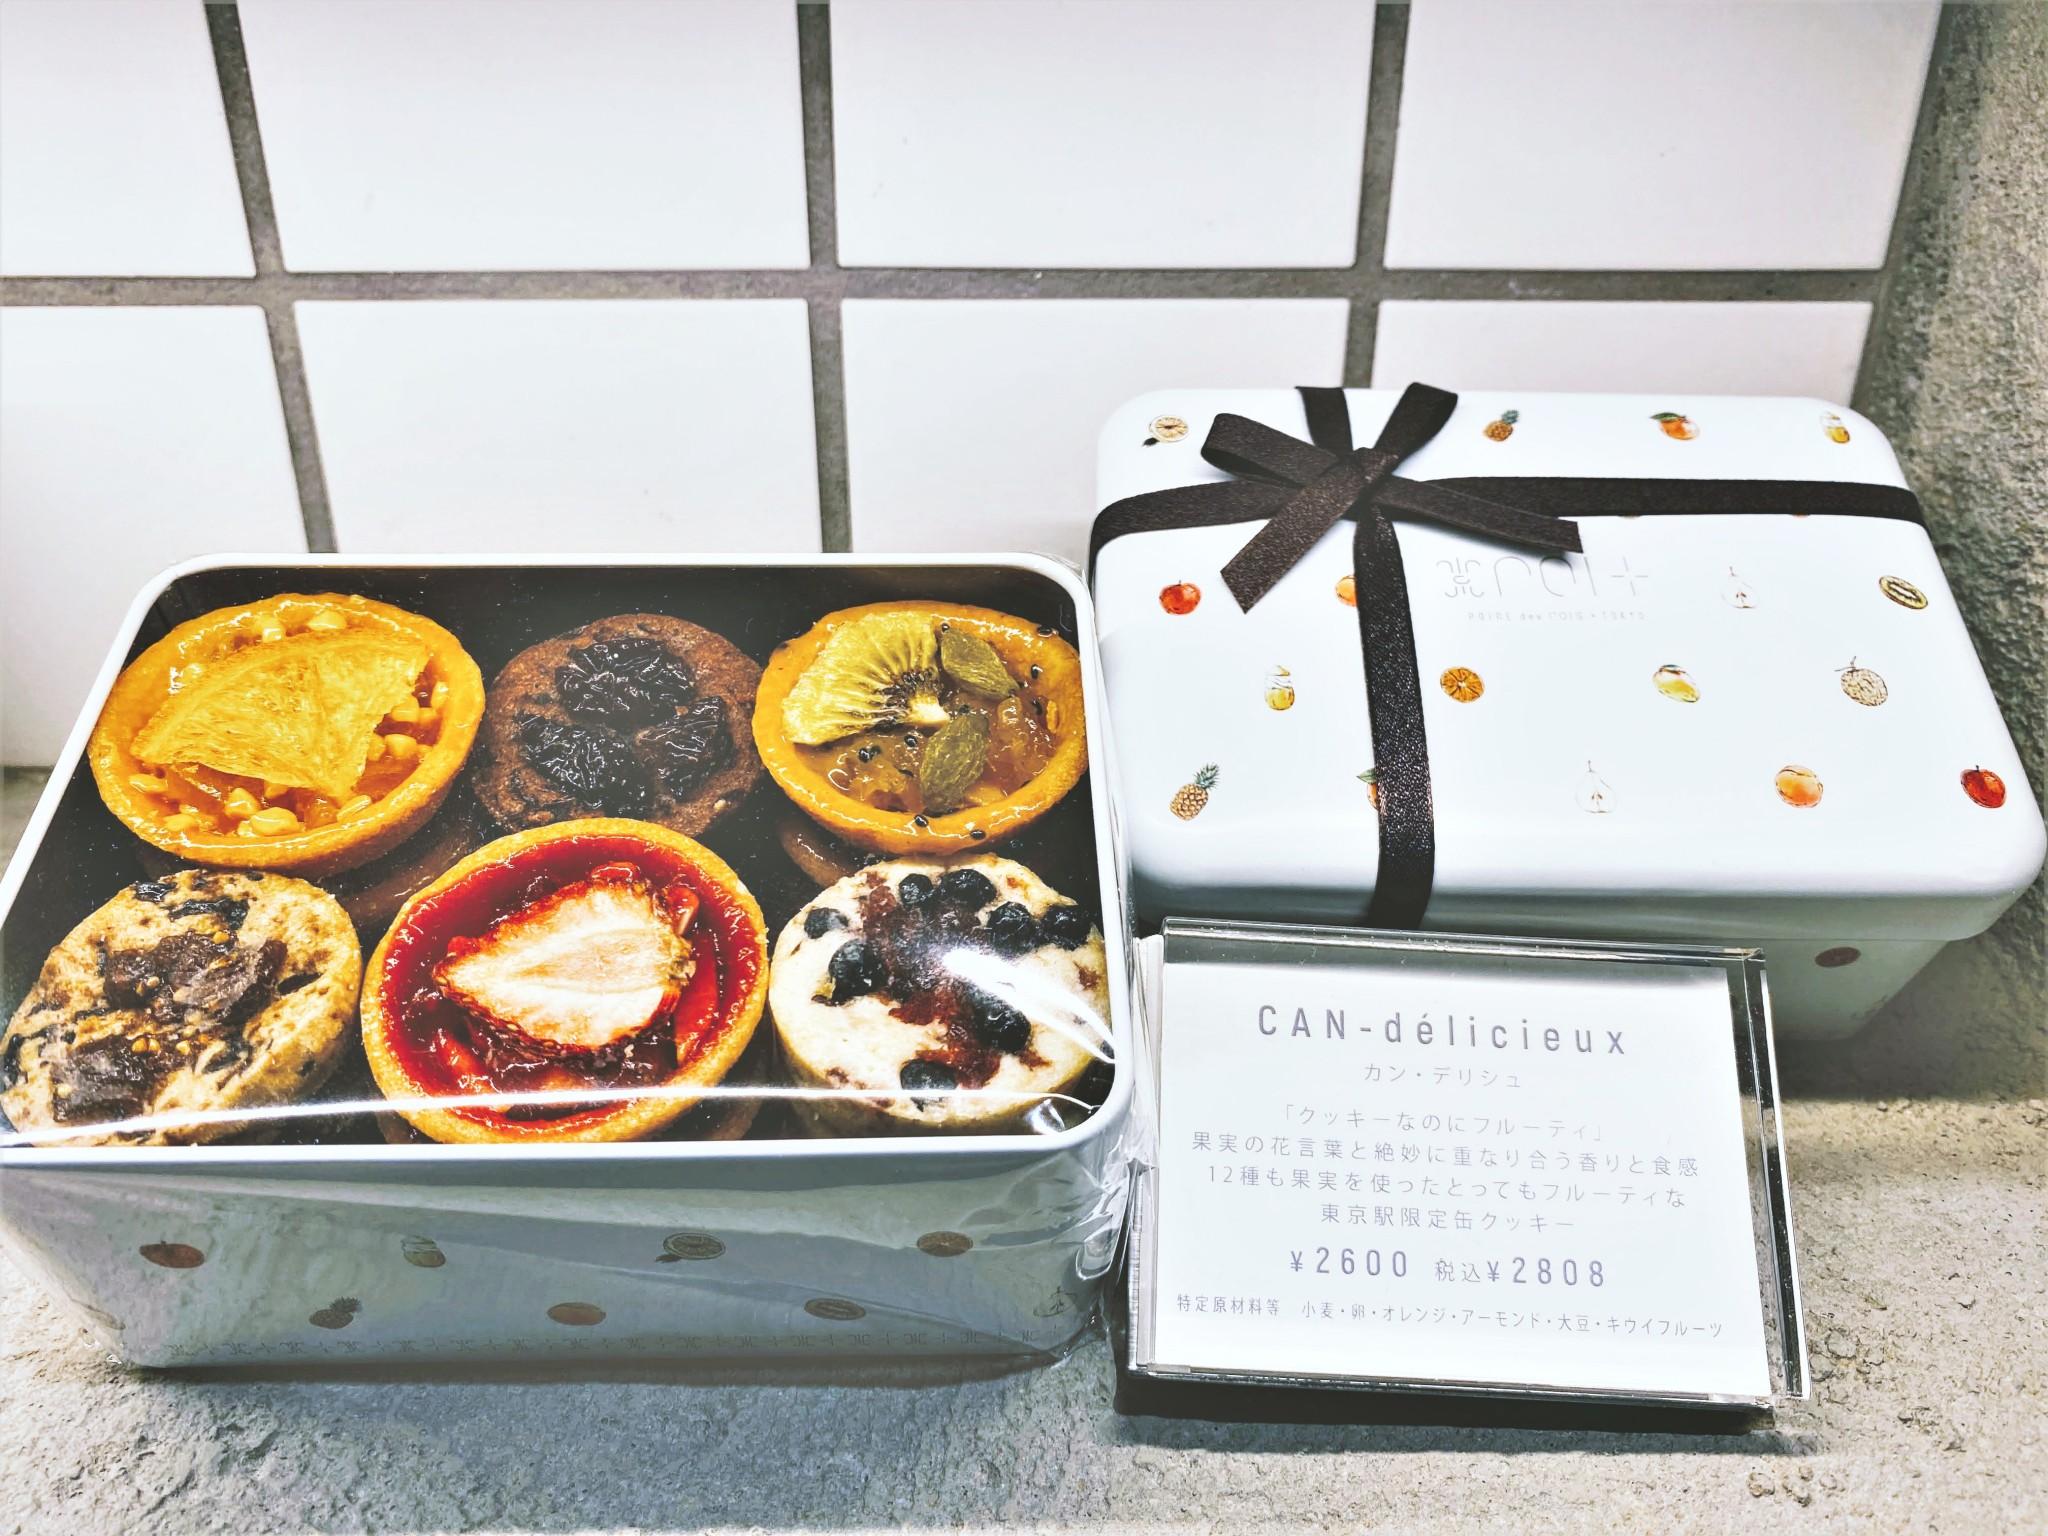 ここが東京ギフトトレンドの最前線!東京駅八重洲北口に〈東京ギフトパレット〉が8月5日オープン。